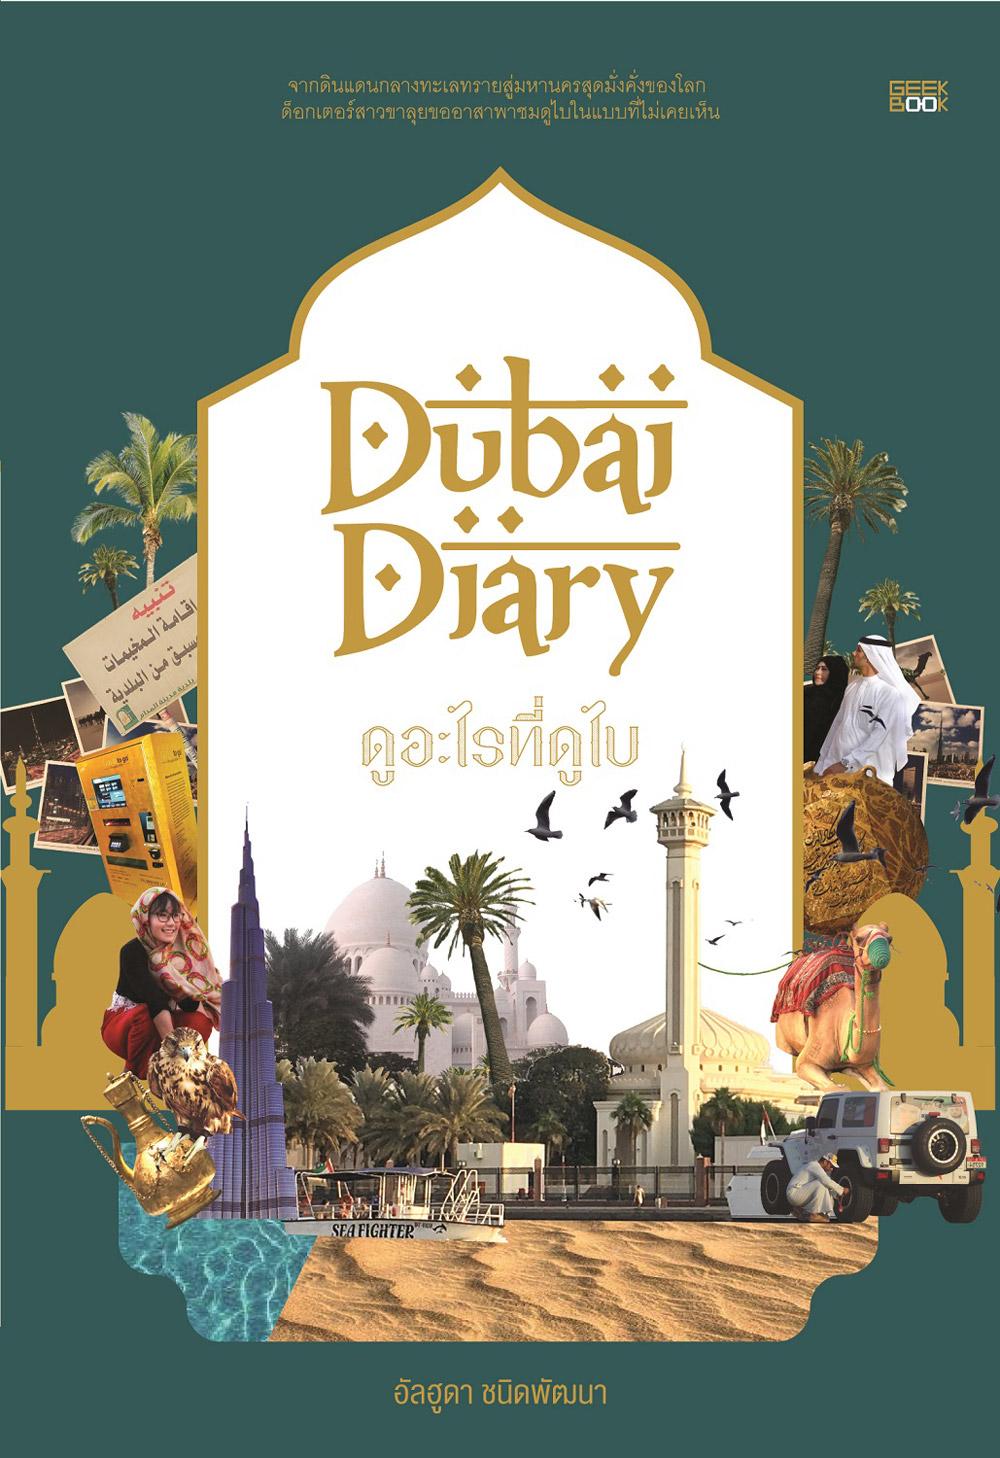 หนังสือ Dubai Diary ดูอะไรที่ดูไบ